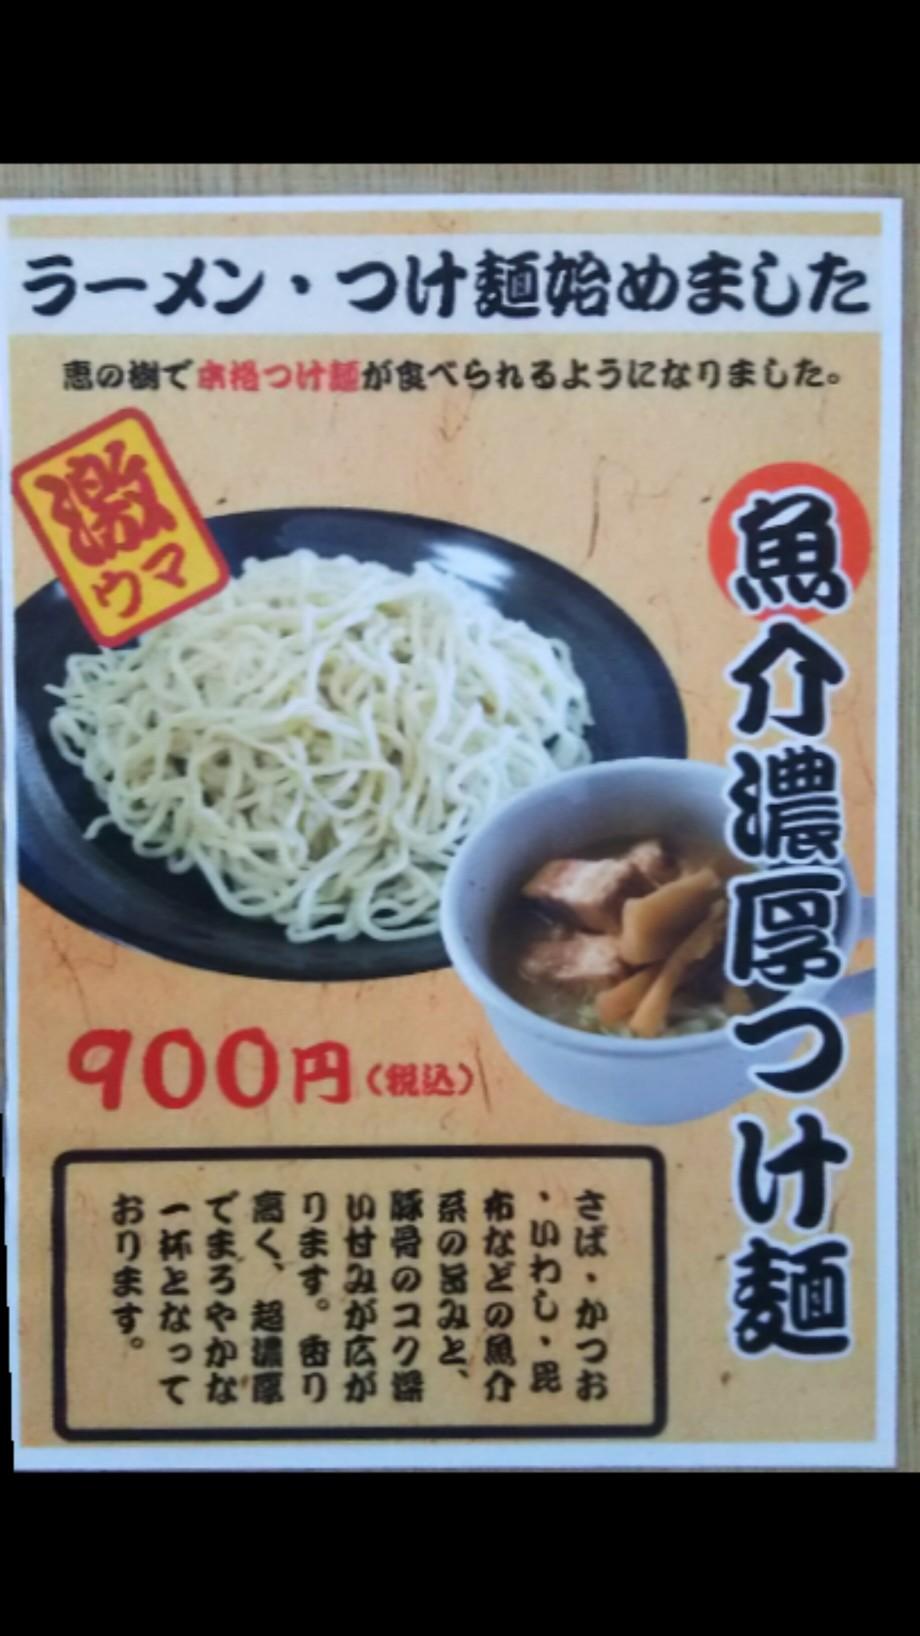 魚介濃厚つけ麺(900円)